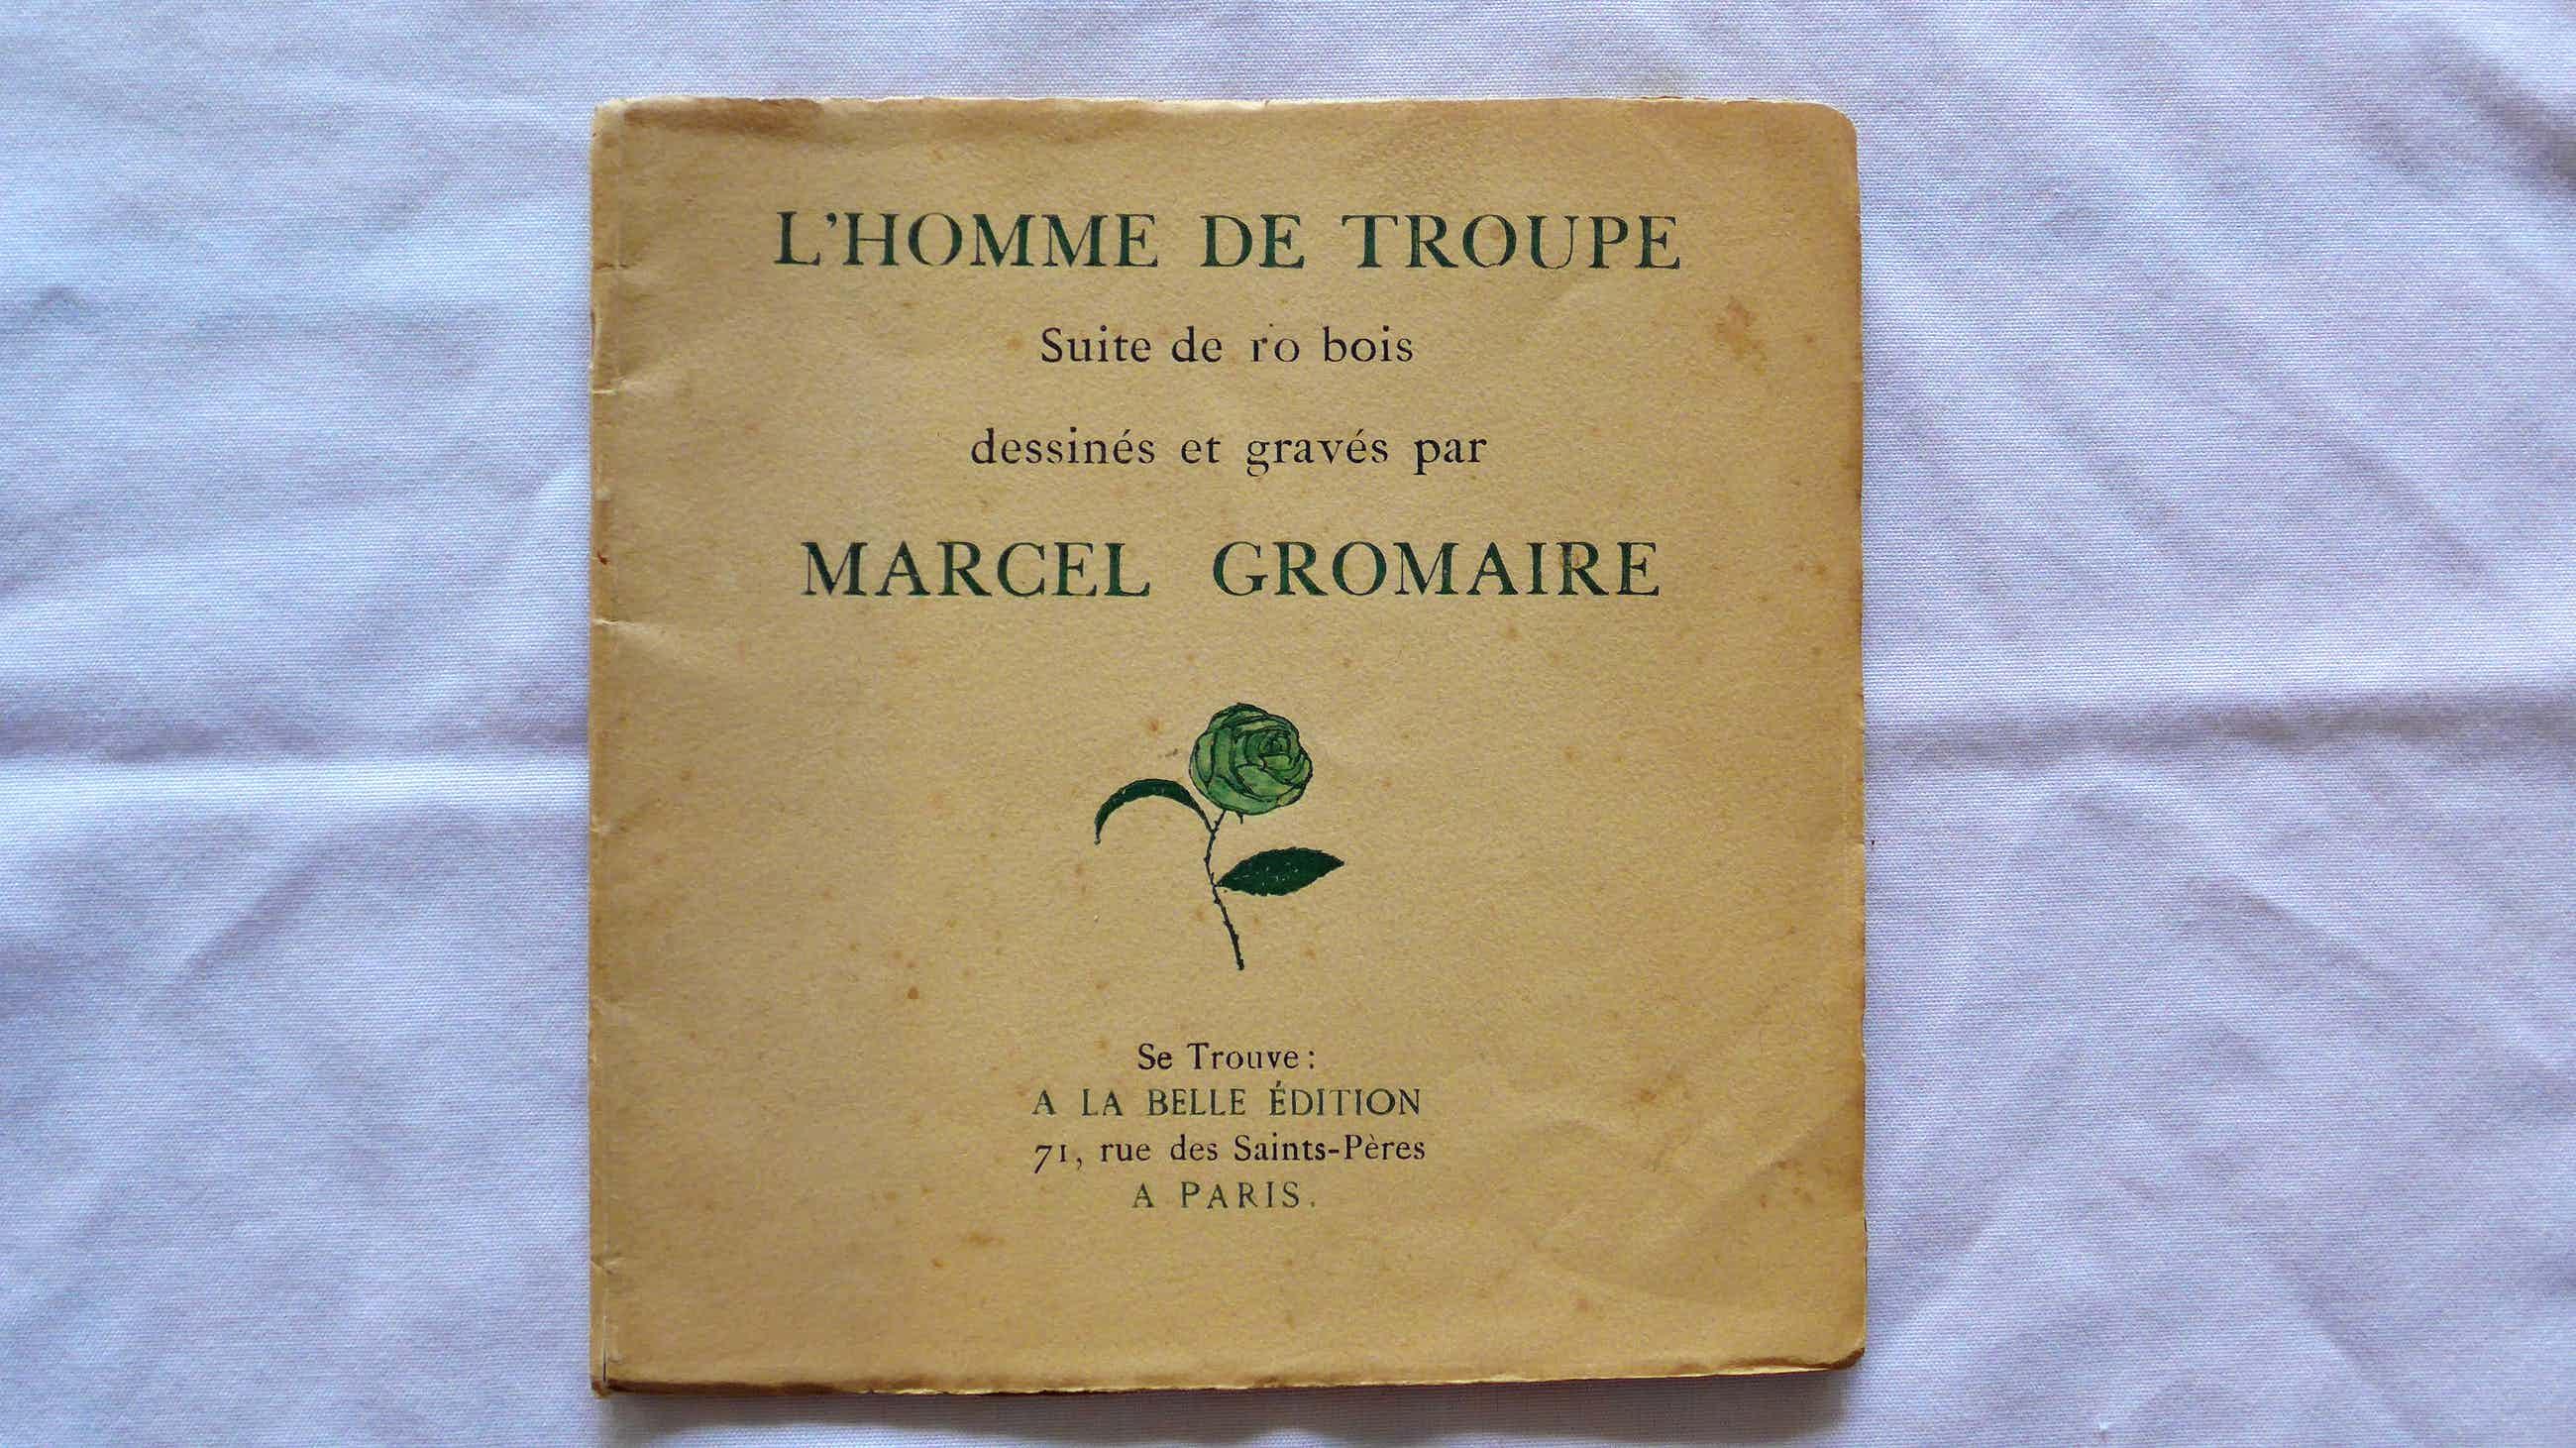 Marcel Gromaire - L'HOMME DE TROUPE kopen? Bied vanaf 250!